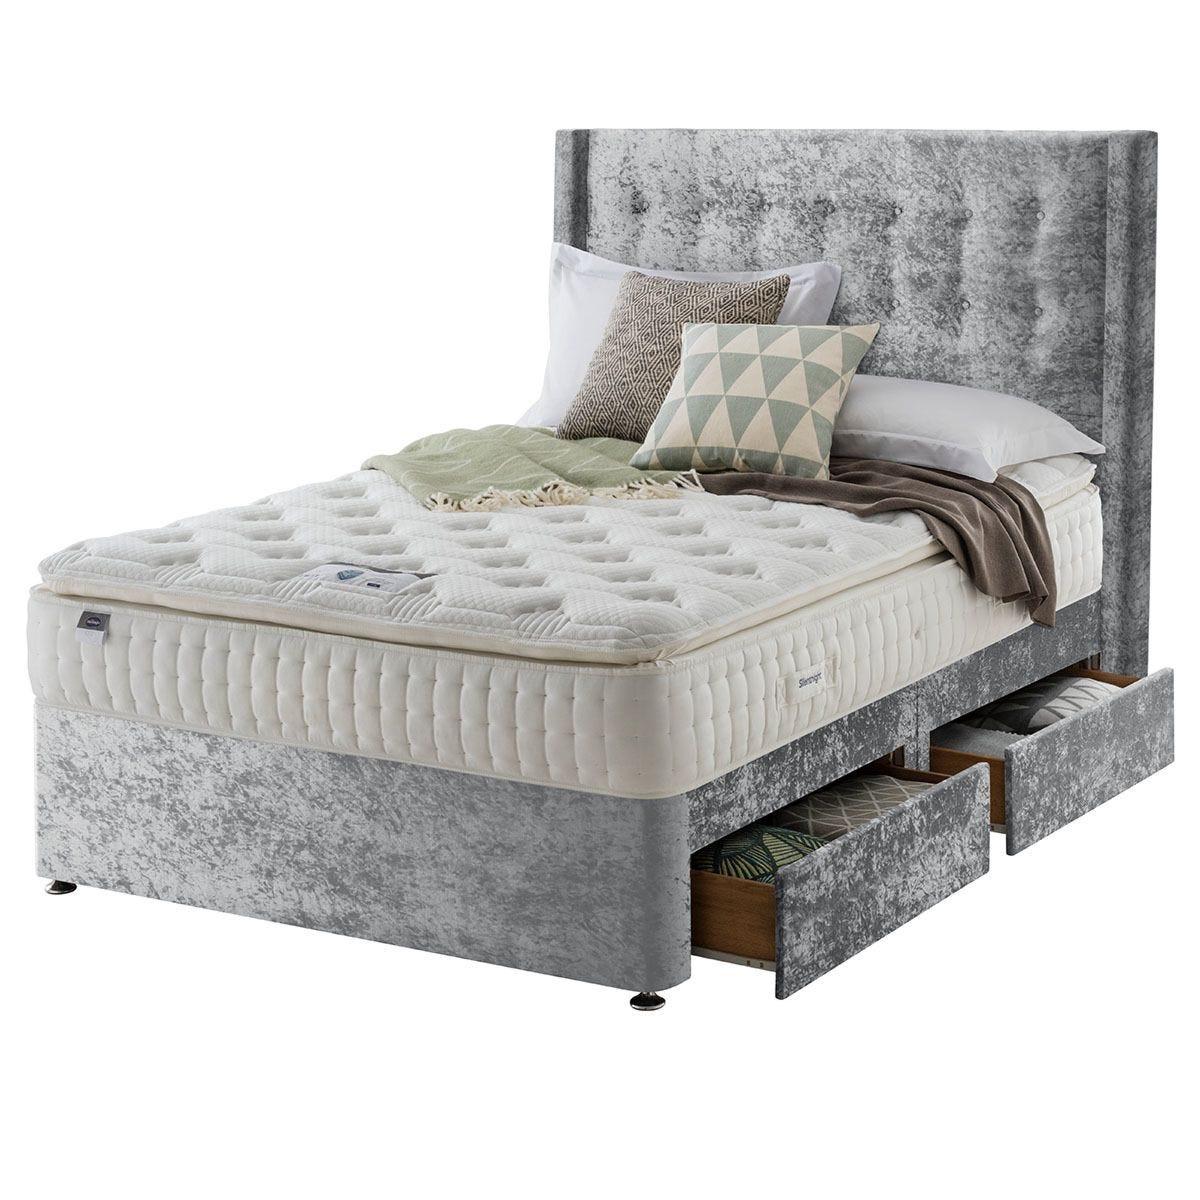 Silentnight Mirapocket Latex 1000 4-Drawer Divan Bed - Crushed Velvet Light Grey